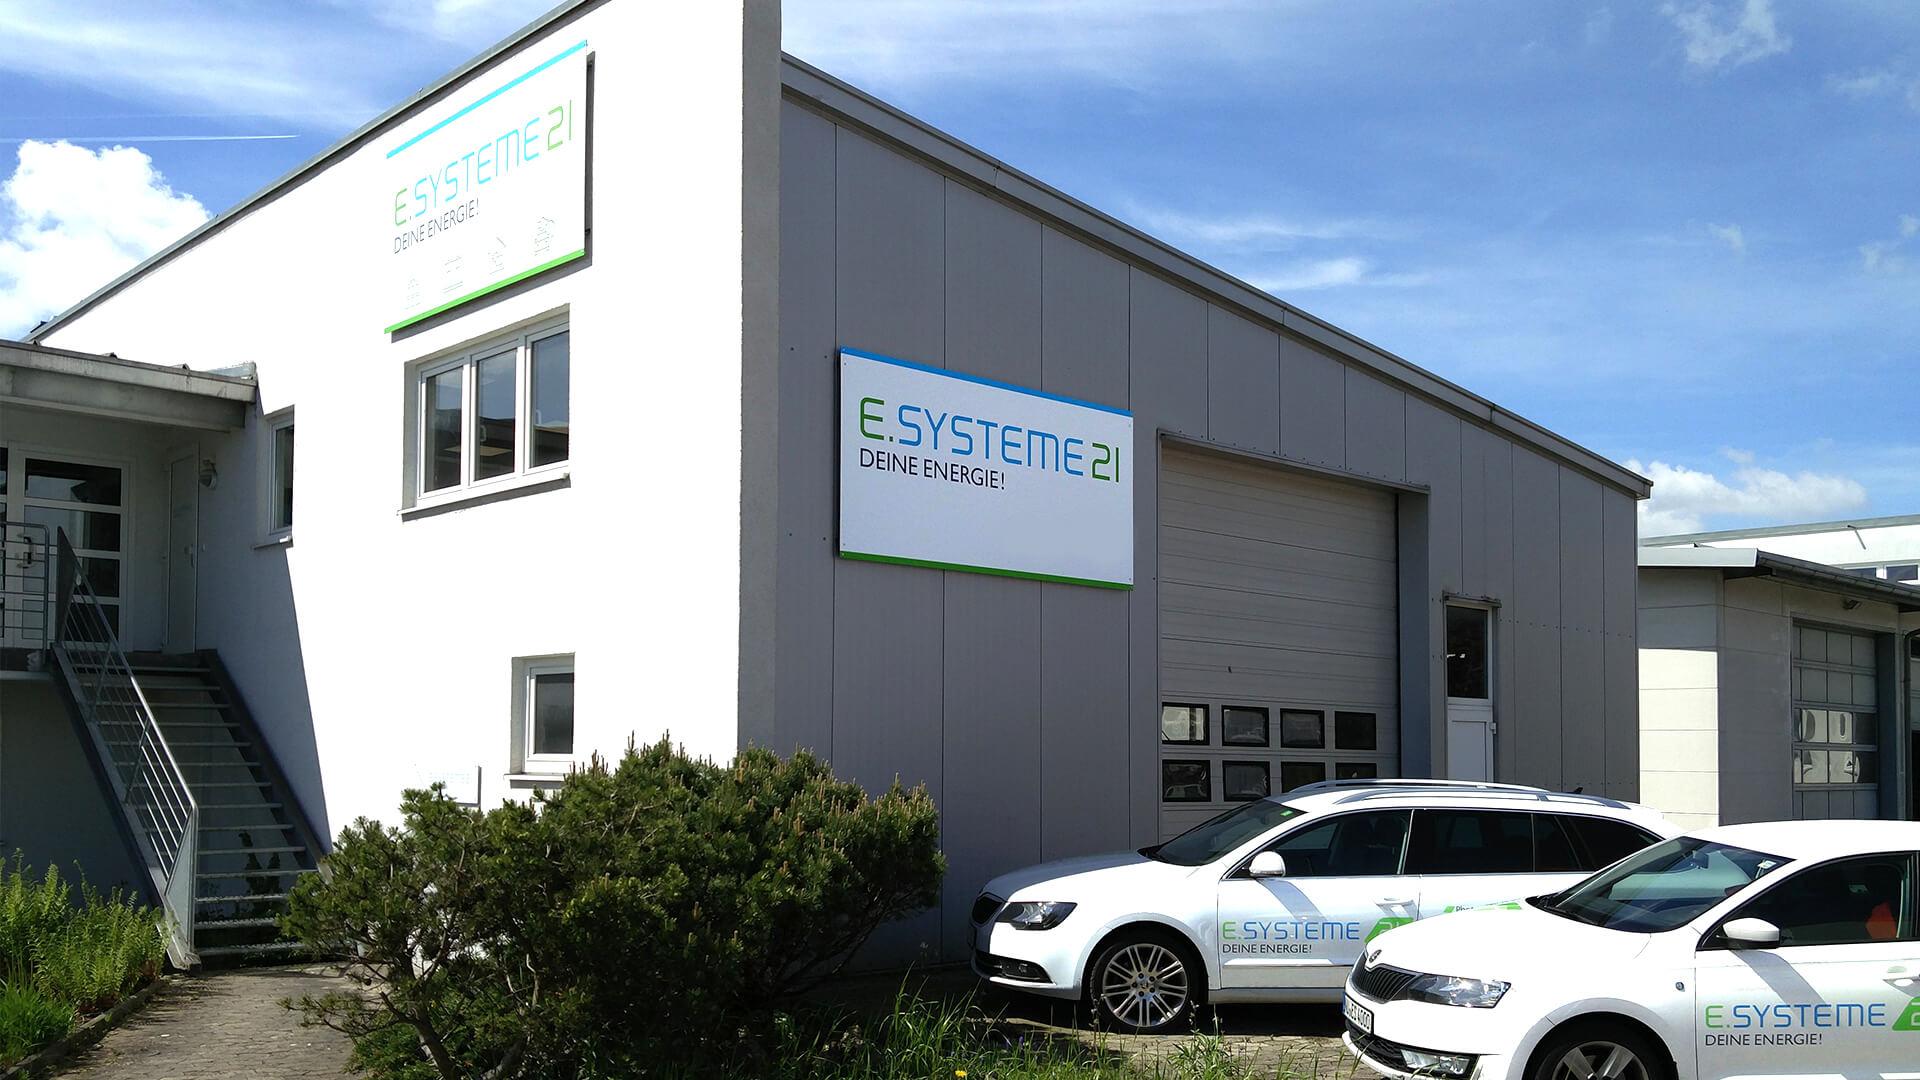 e.systeme21 GmbH Firmengebäude